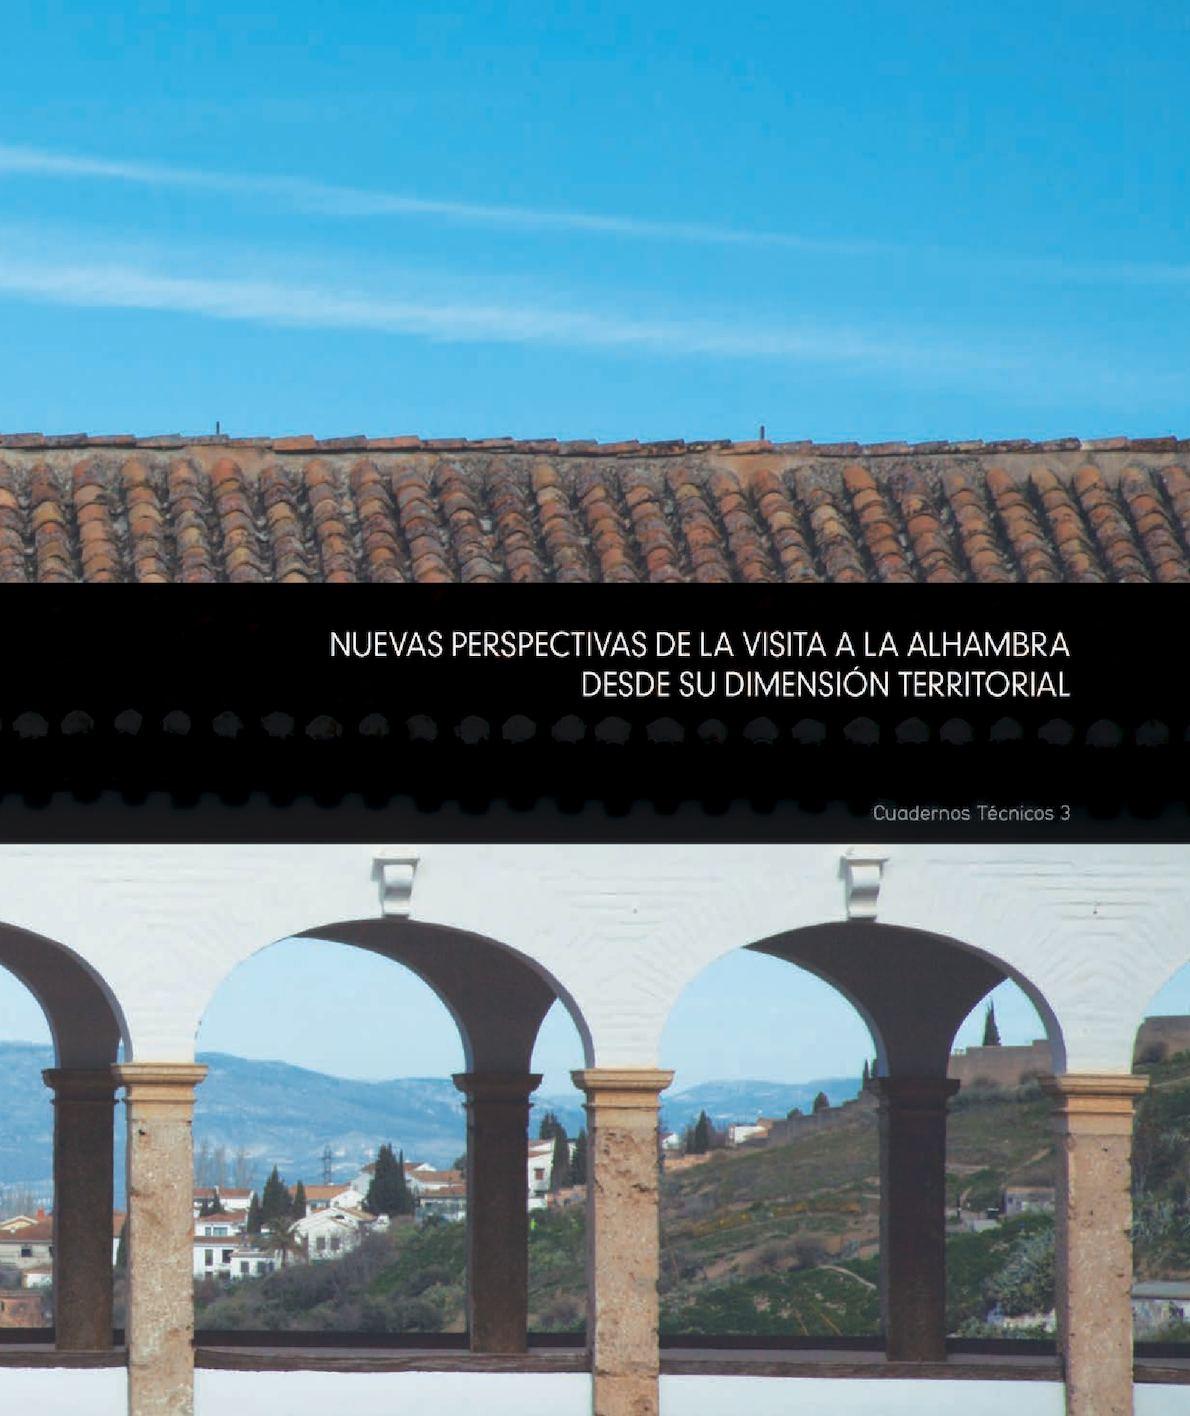 Calaméo - Nuevas perspectivas de la visita a la Alhambra desde su dimensión  territorial ca5c5785f2d6b